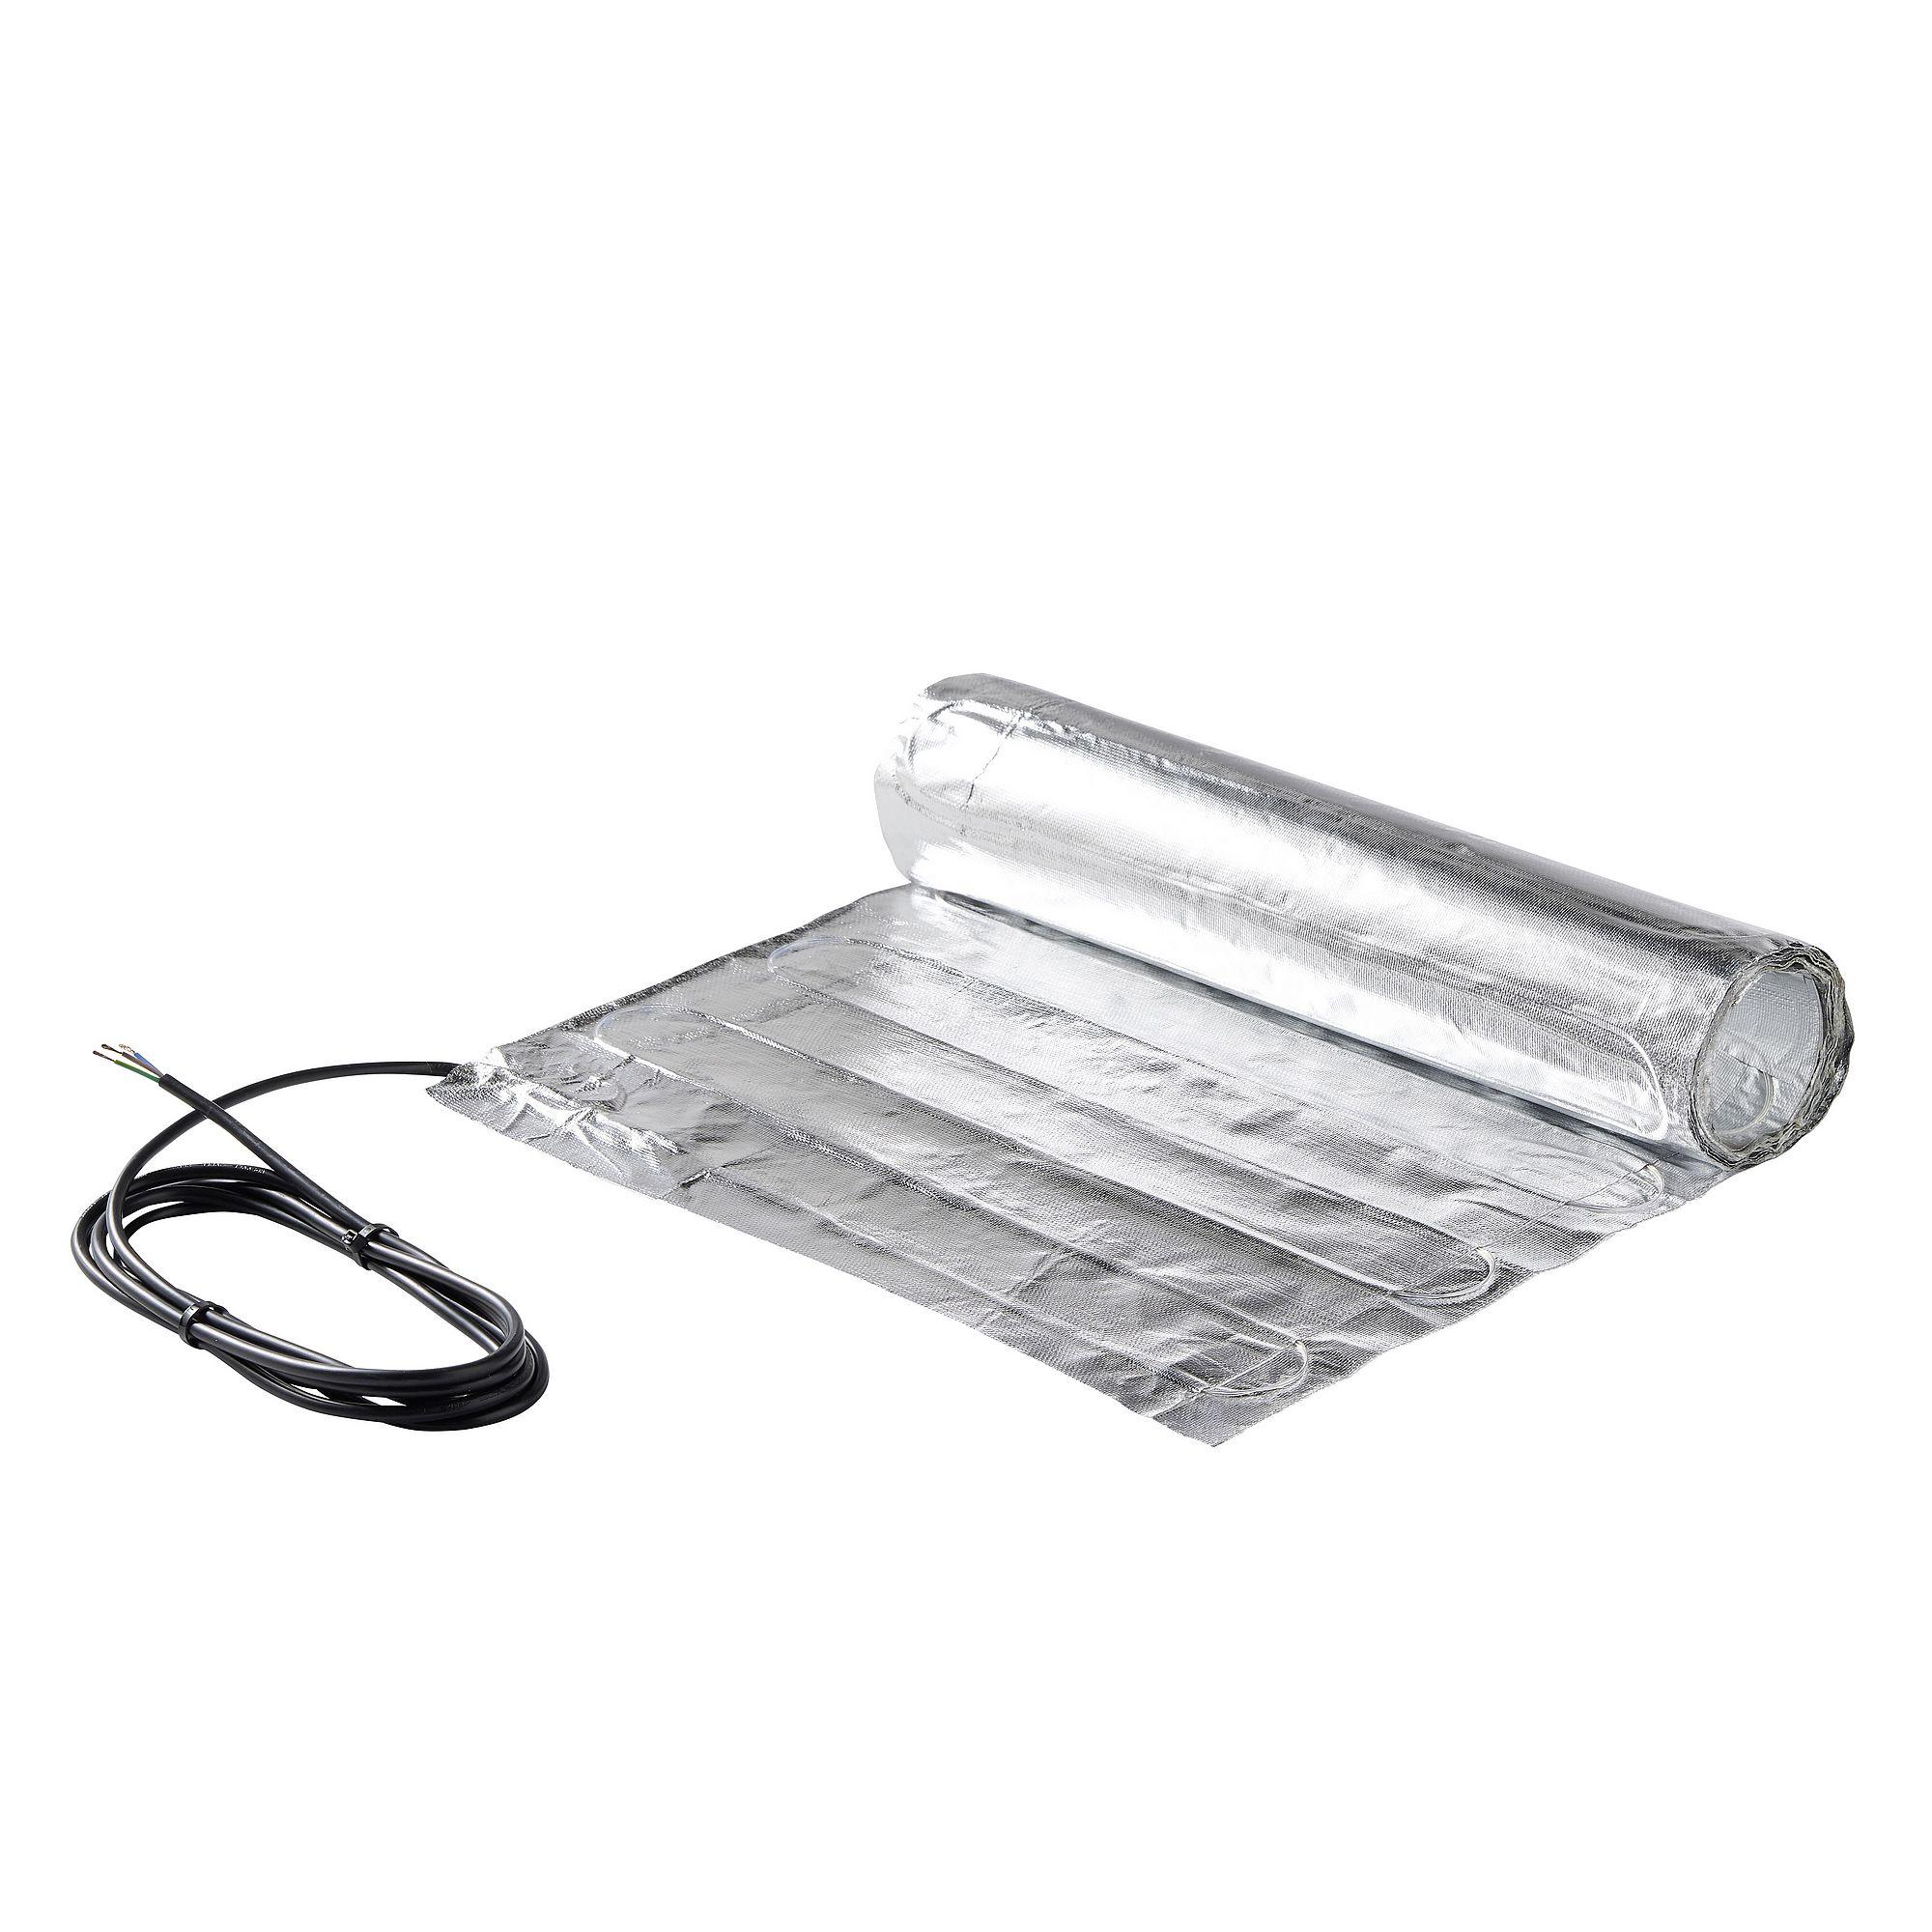 Underfloor Heating Aluminum Foil Mat Kit For Laminate Wood Tile 220V 150W/M2